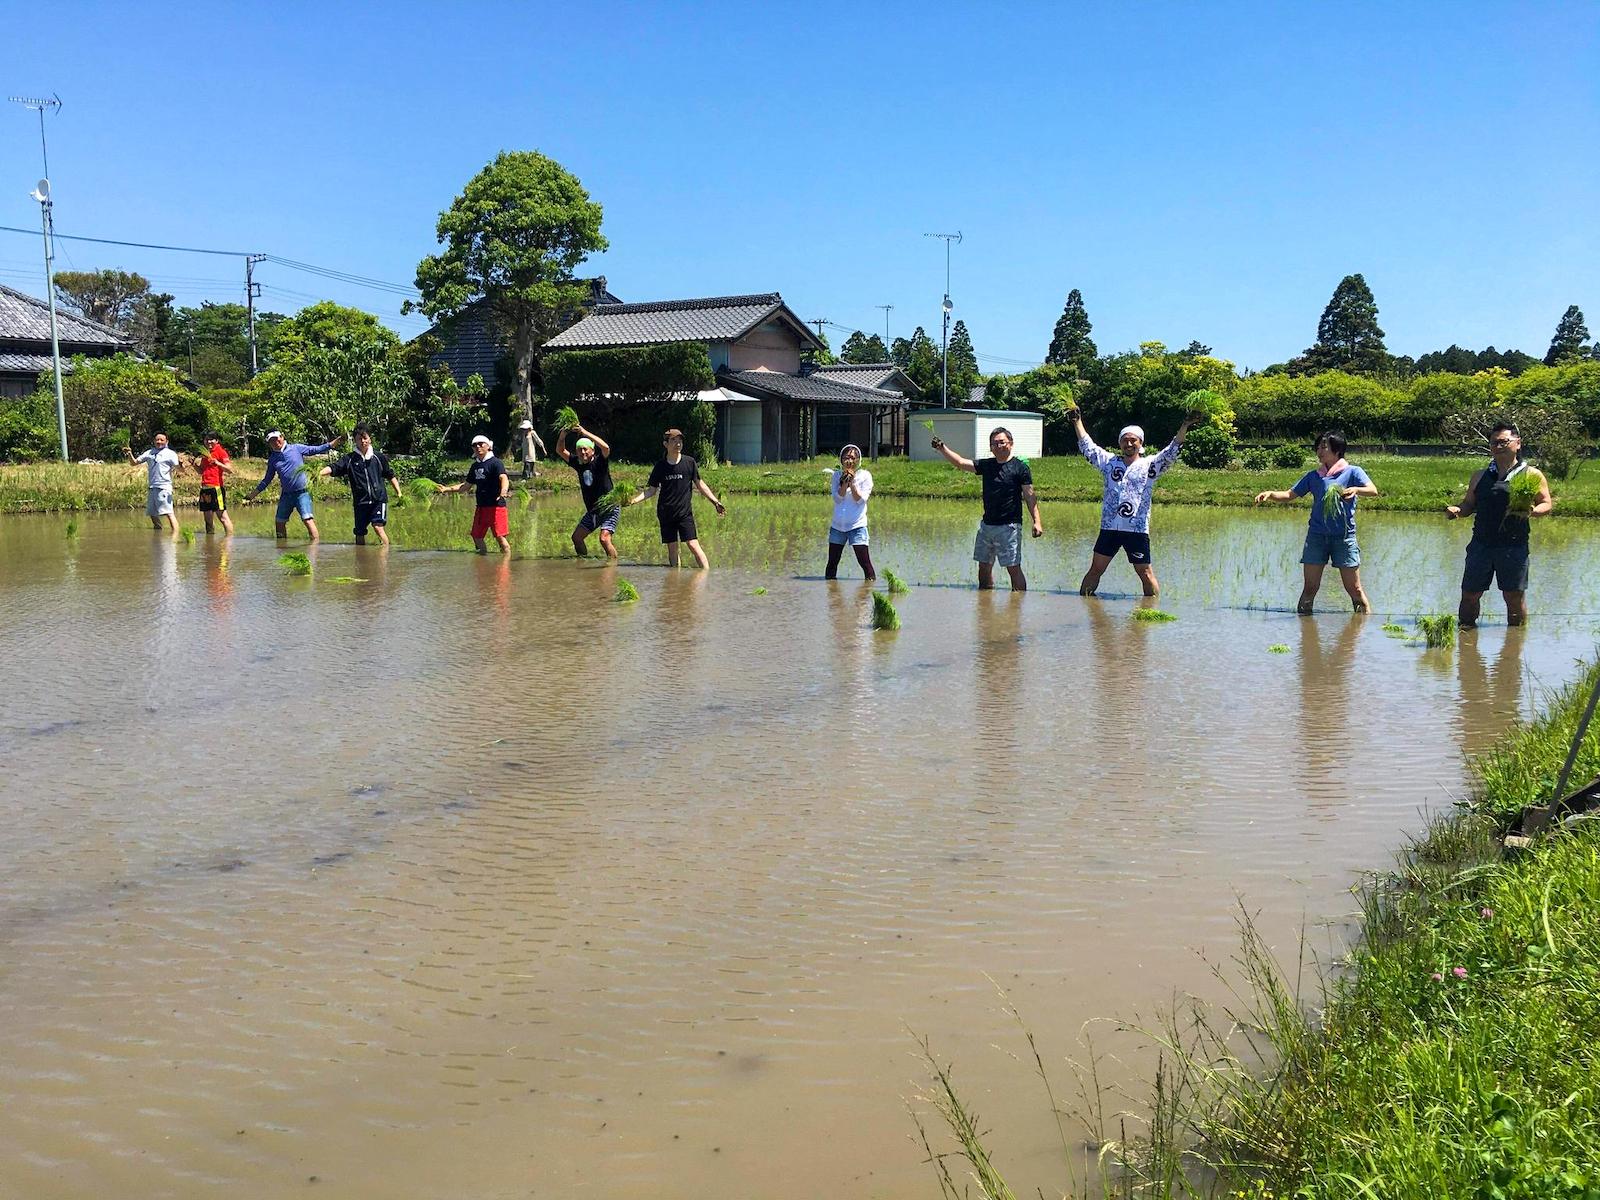 豊かな自然の循環が感じられる房総半島・千葉県いすみ市。ぜひ足をお運びください♪